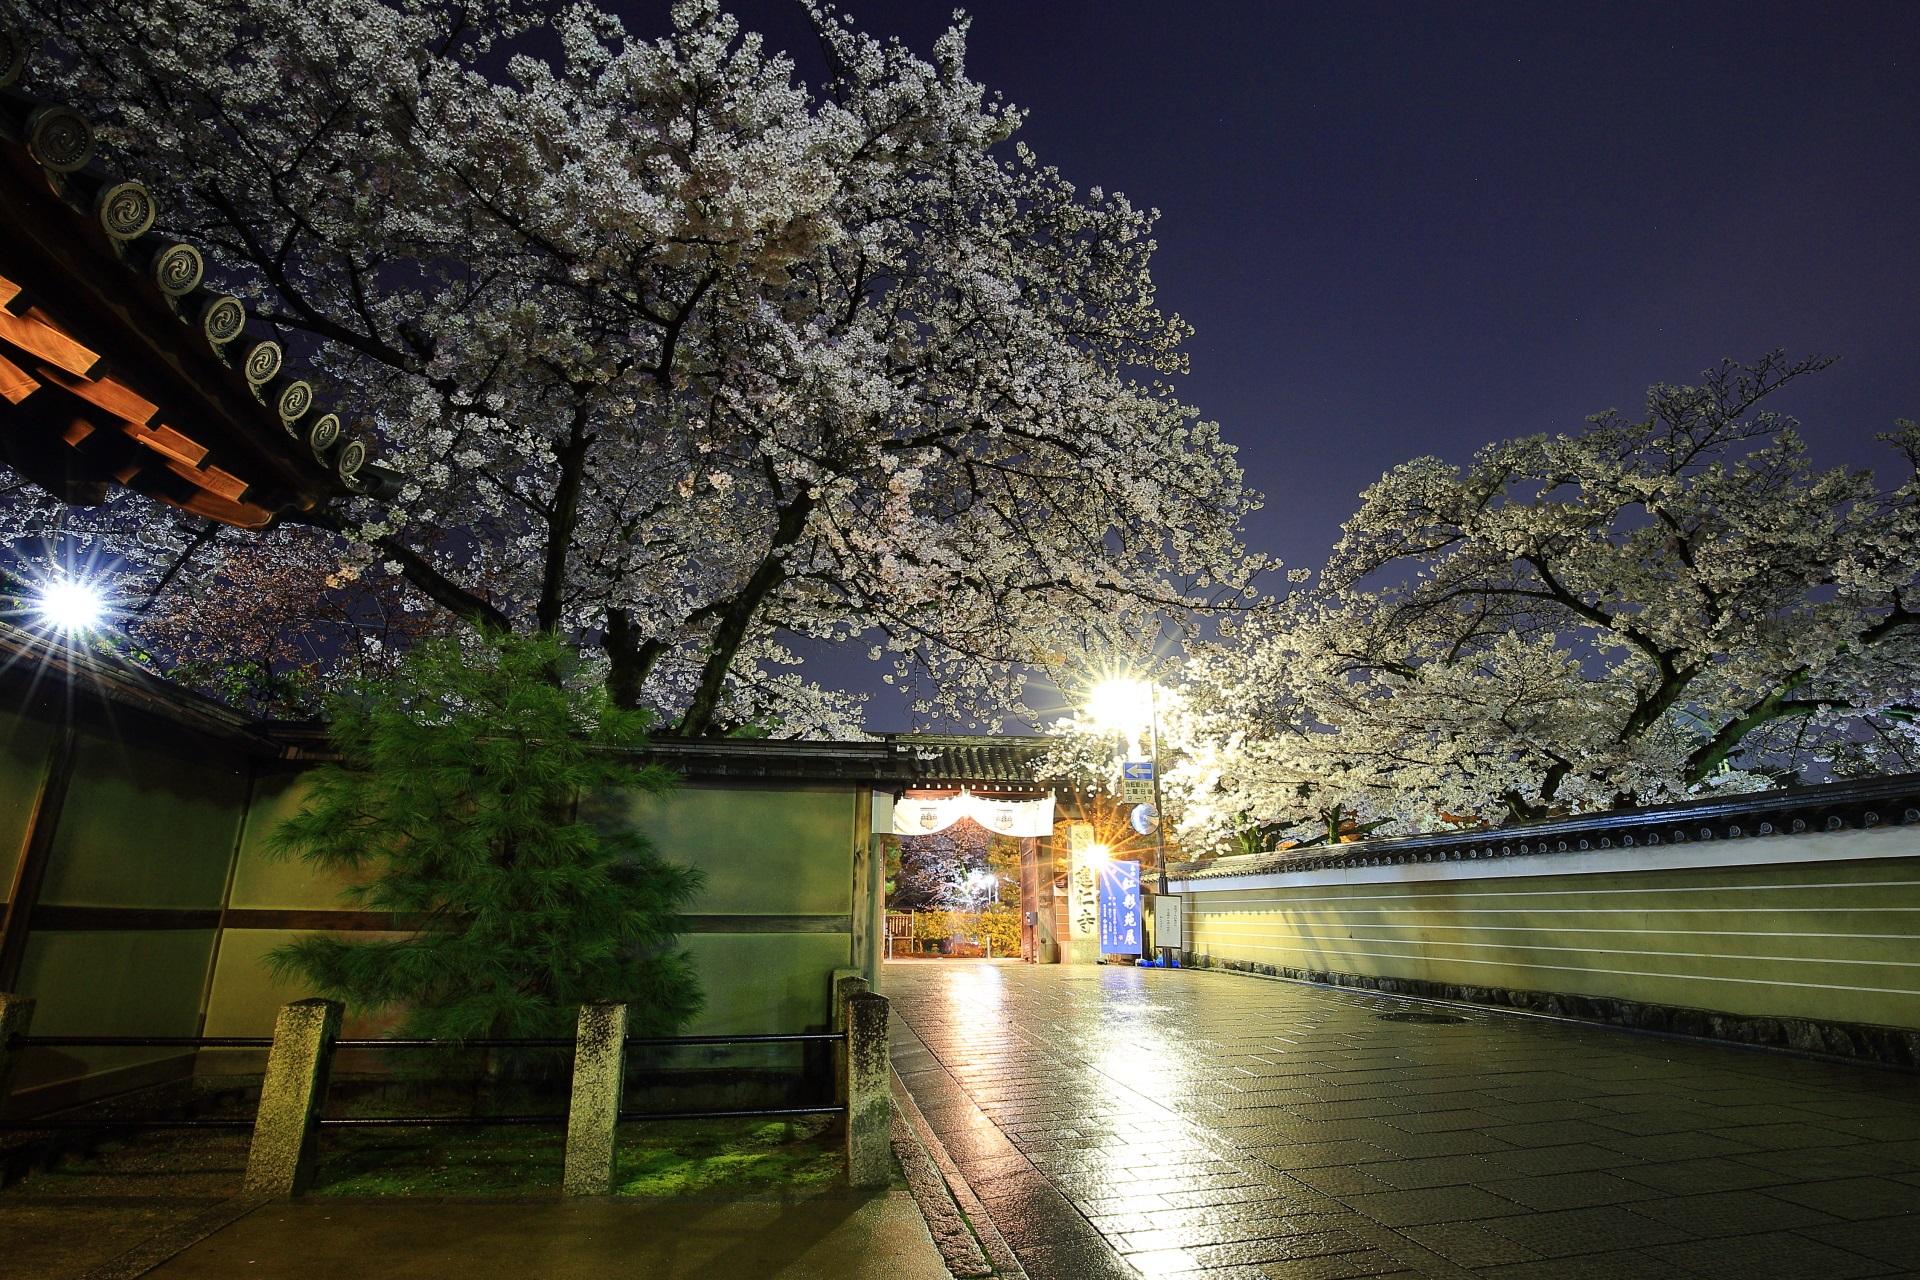 昼間は賑やかも夜は静かな花見小路通りの桜